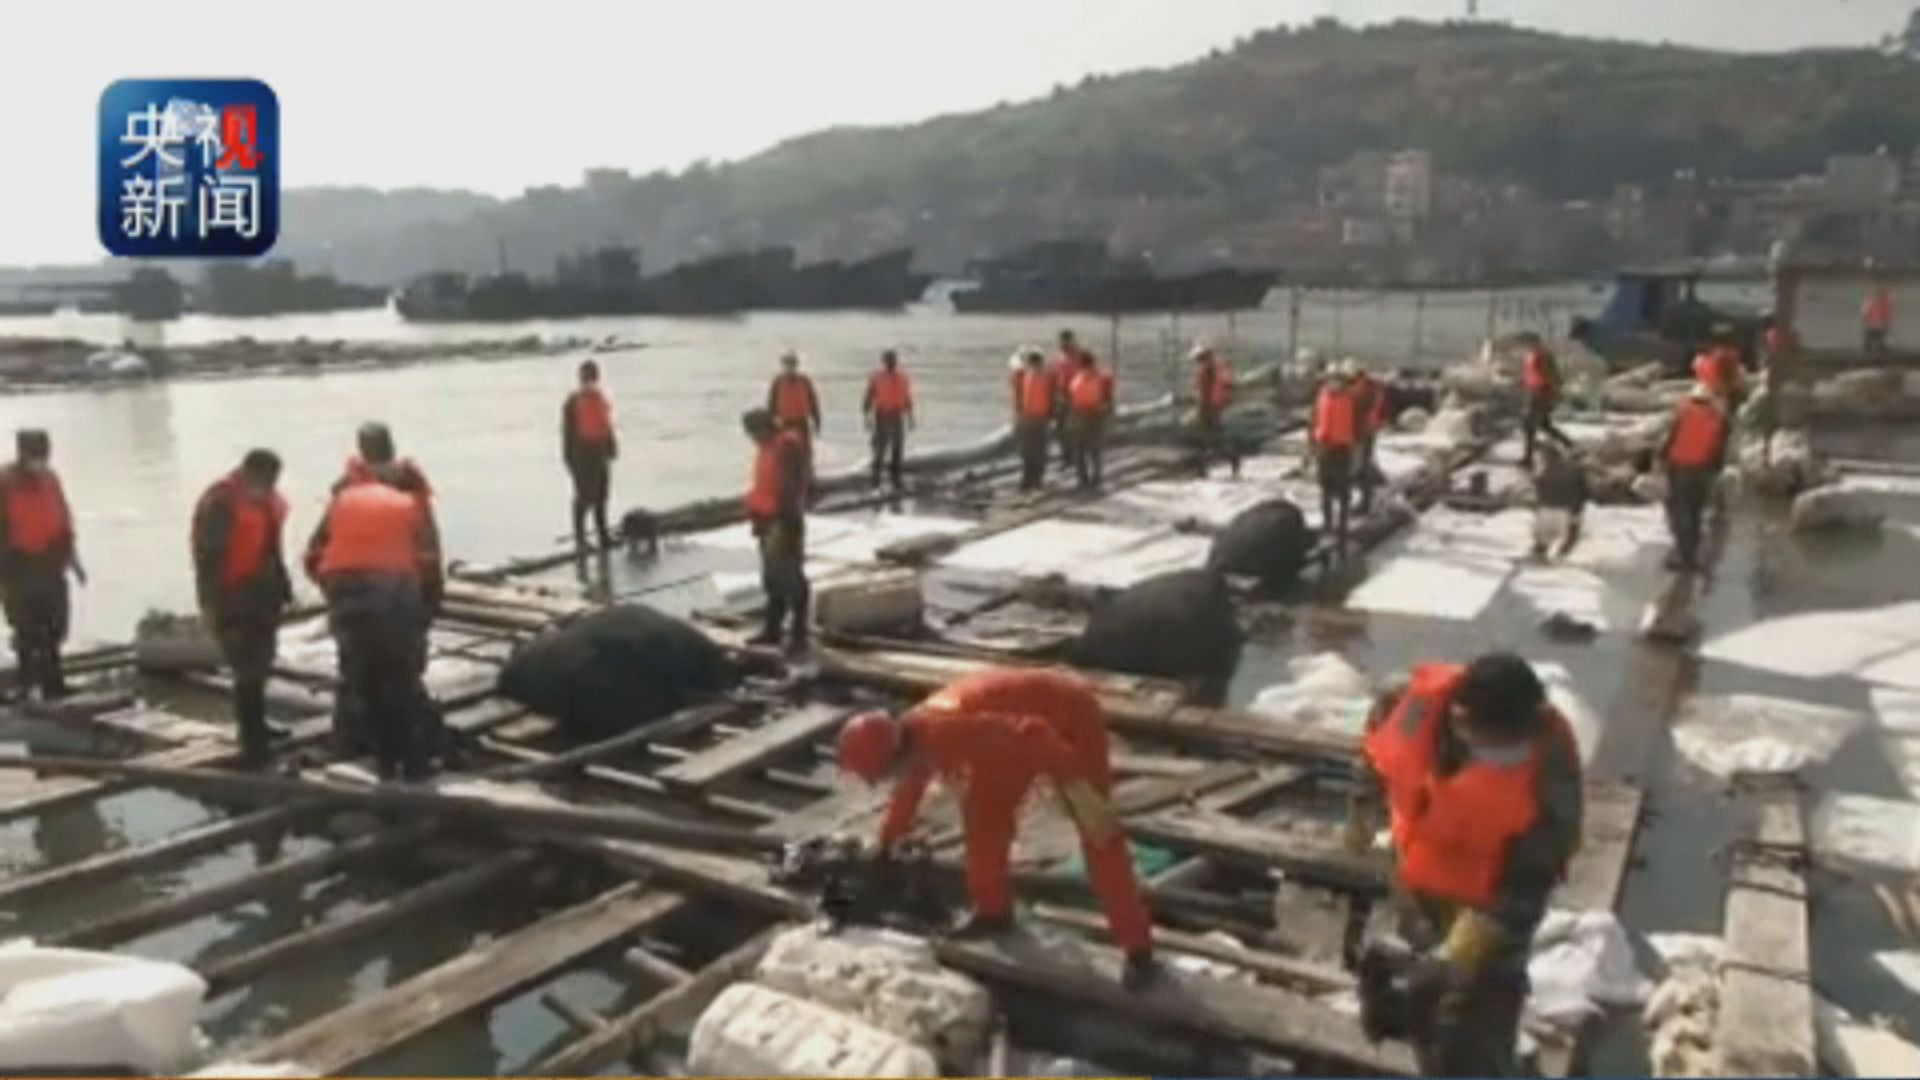 新華社指泉港受污染海域仍在清理